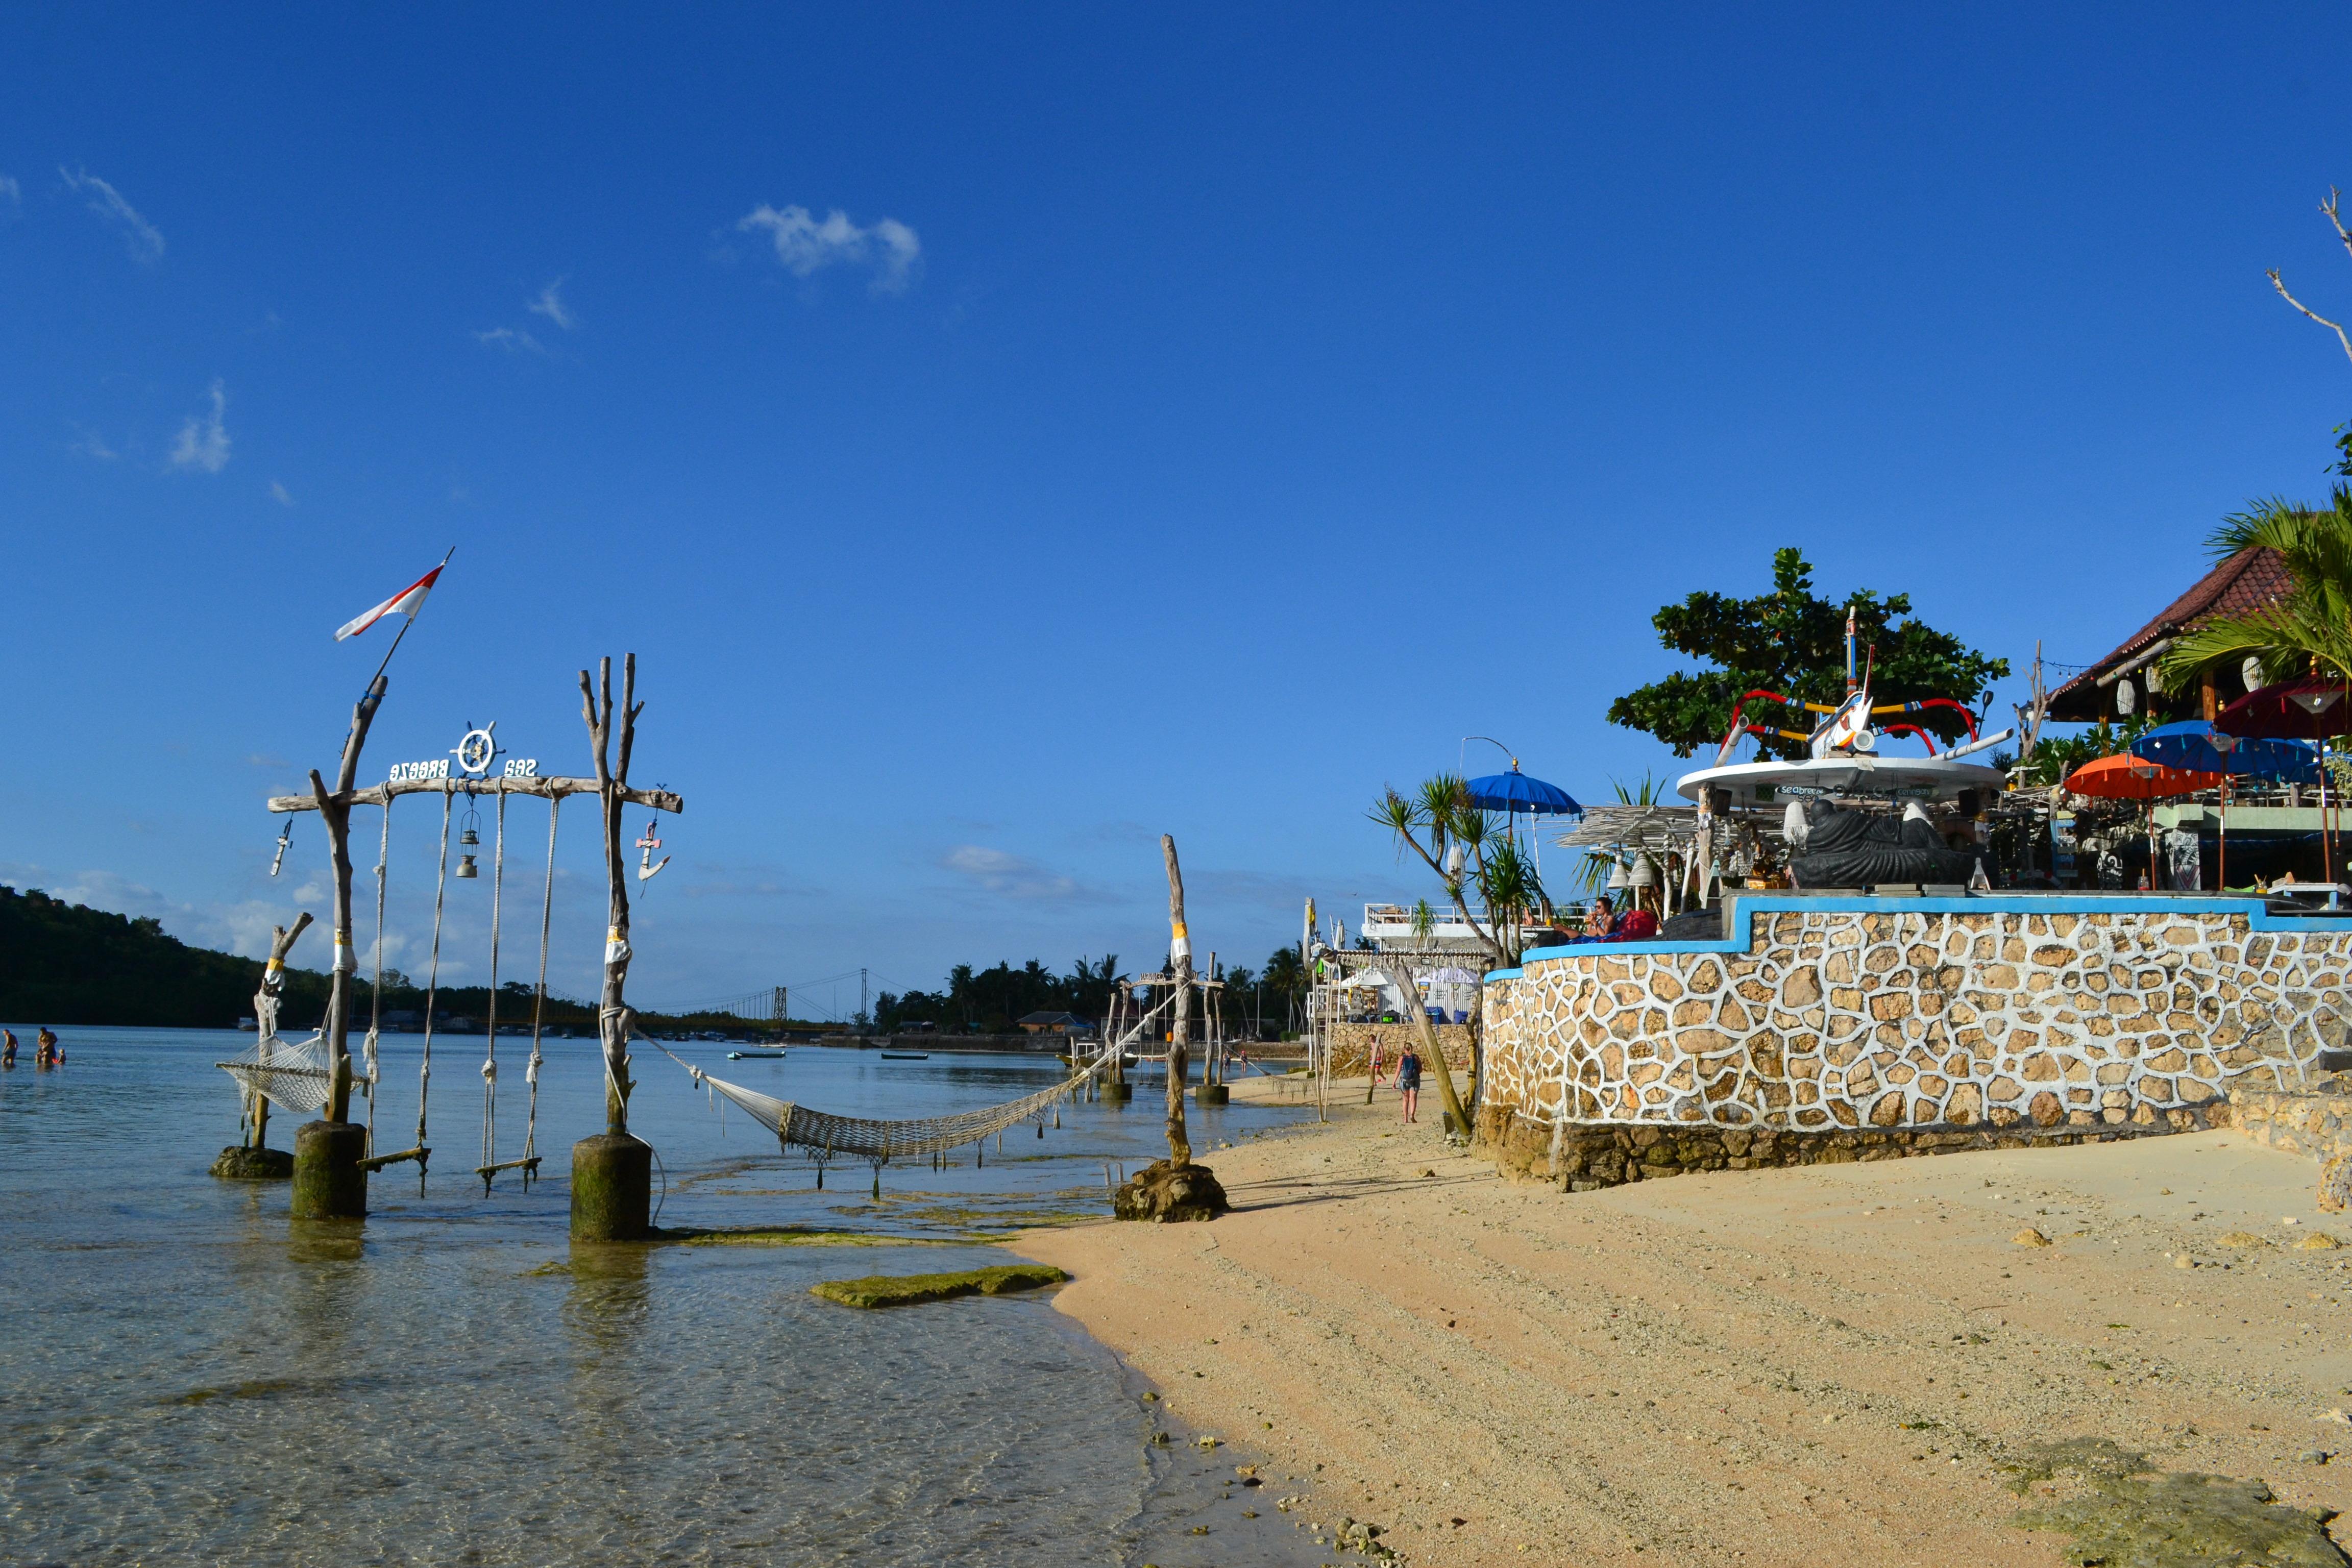 song tepo beach